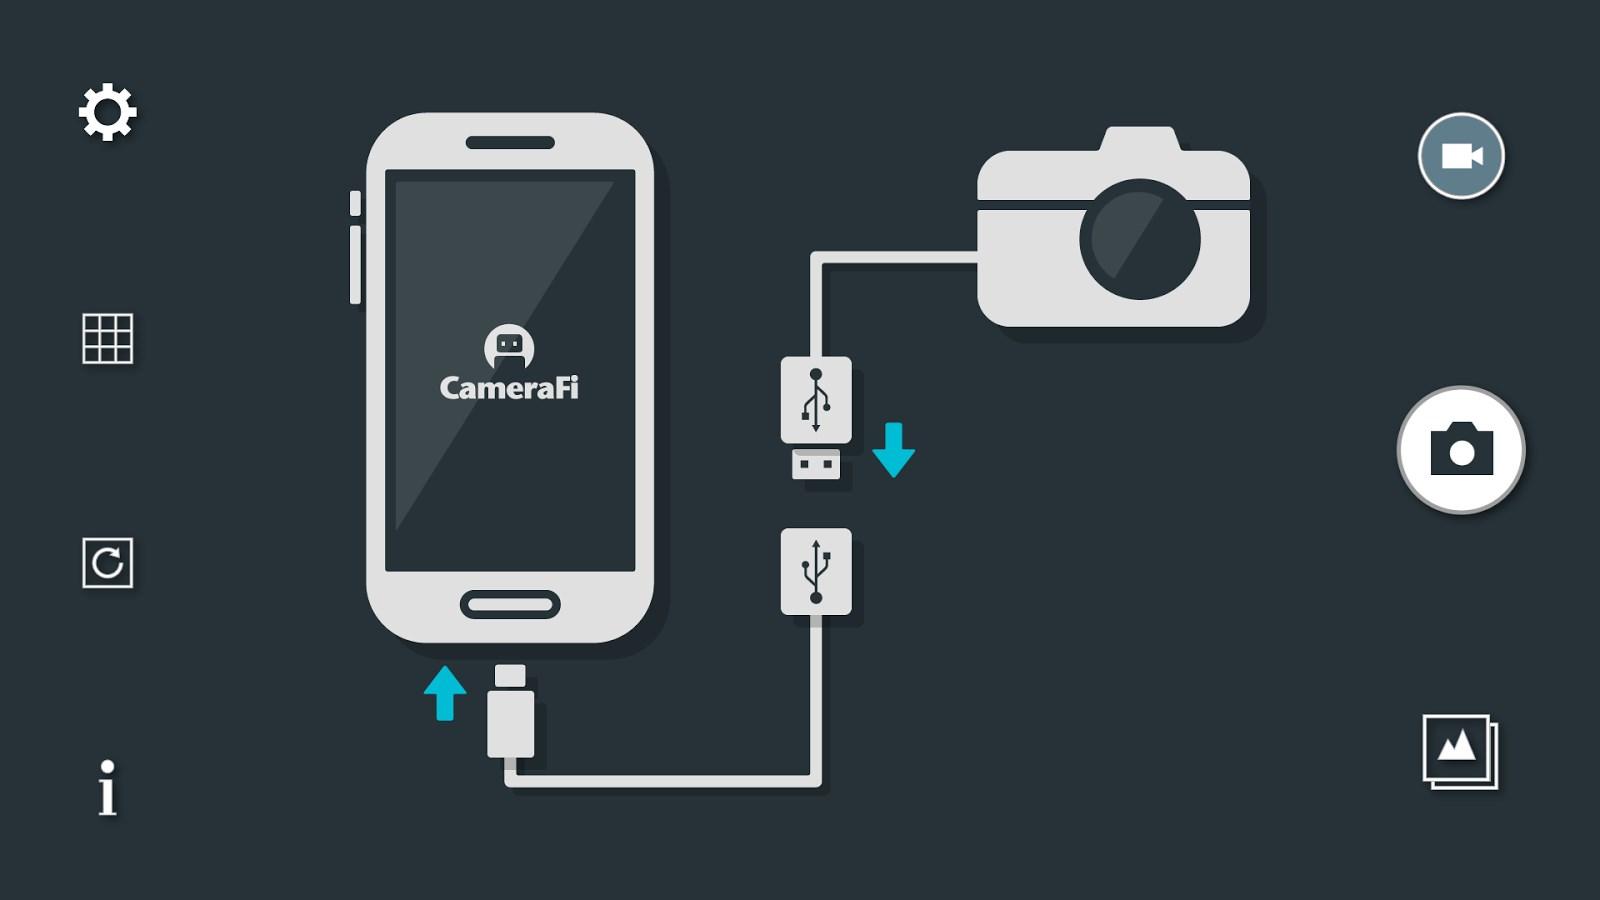 Как за 5 минут превратить телефон в веб-камеру: 3 простых 85